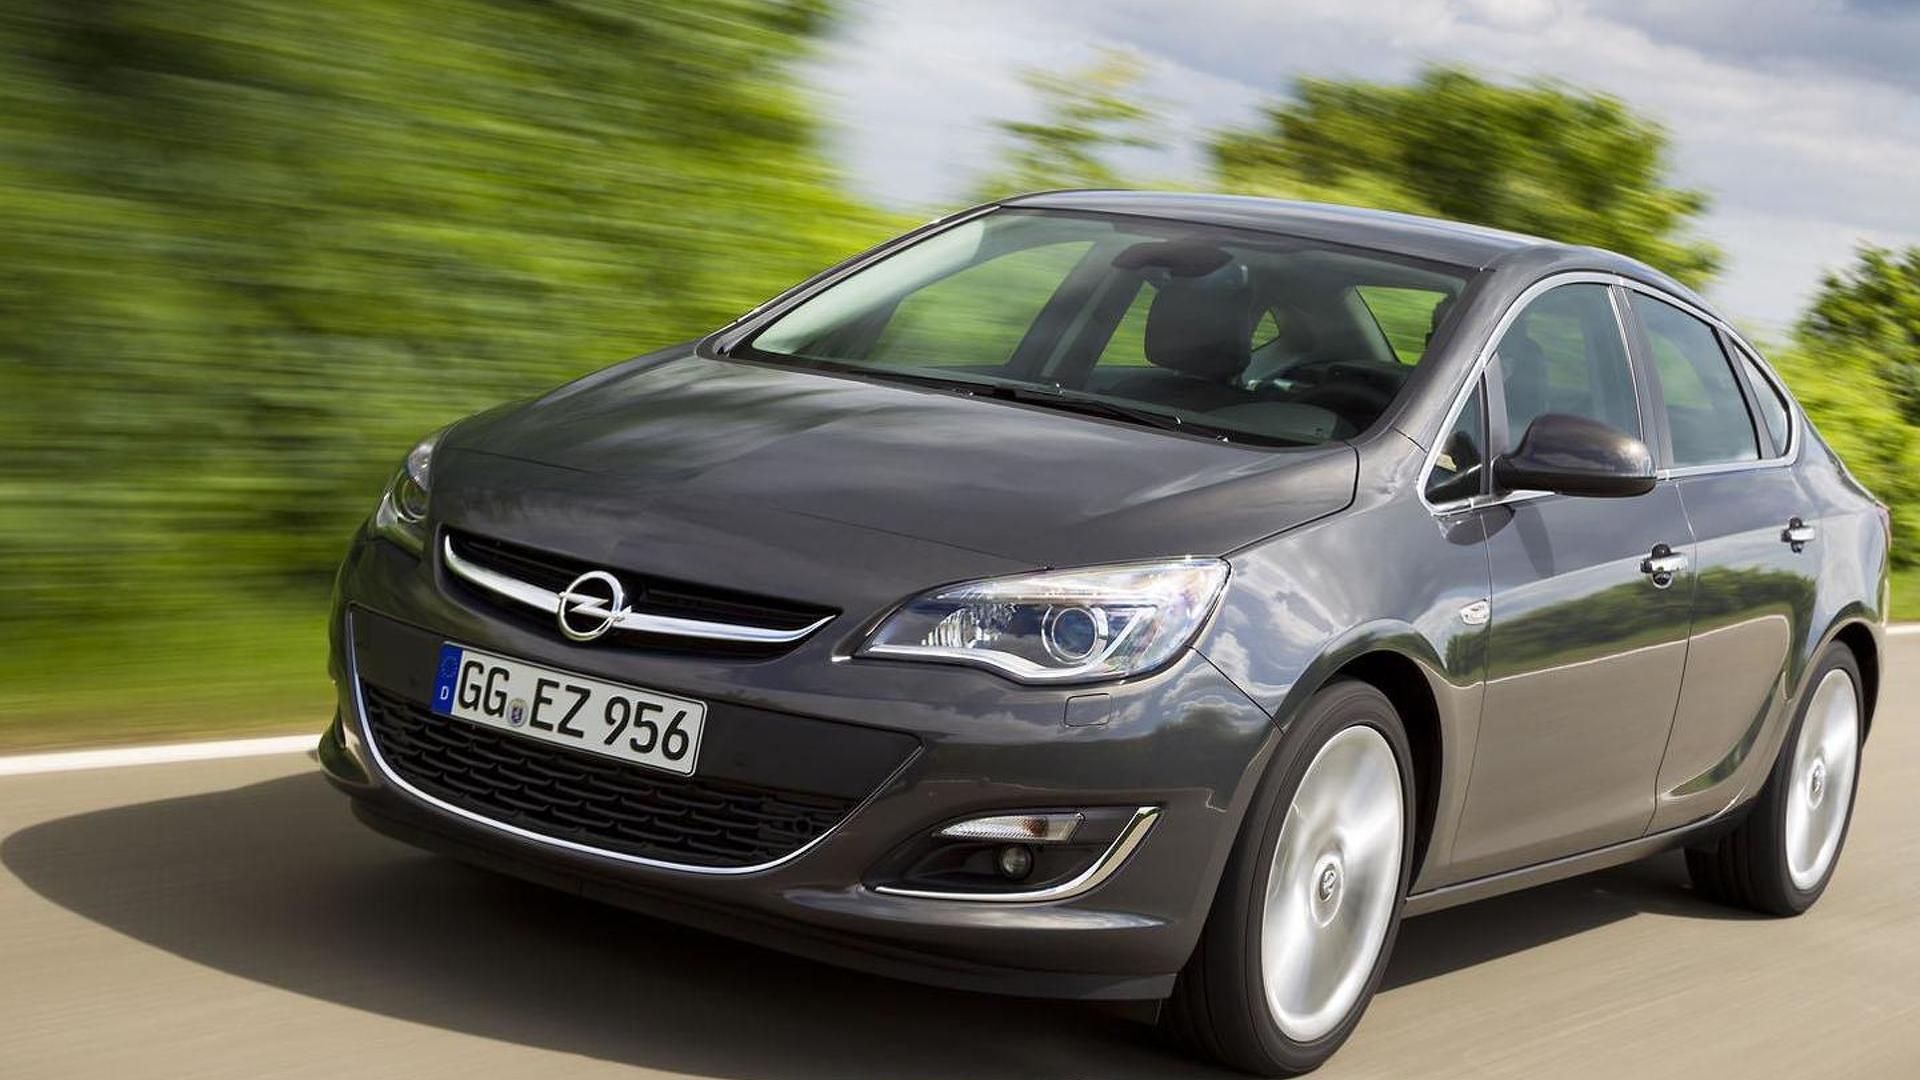 Satılık 2014 model Opel Astra